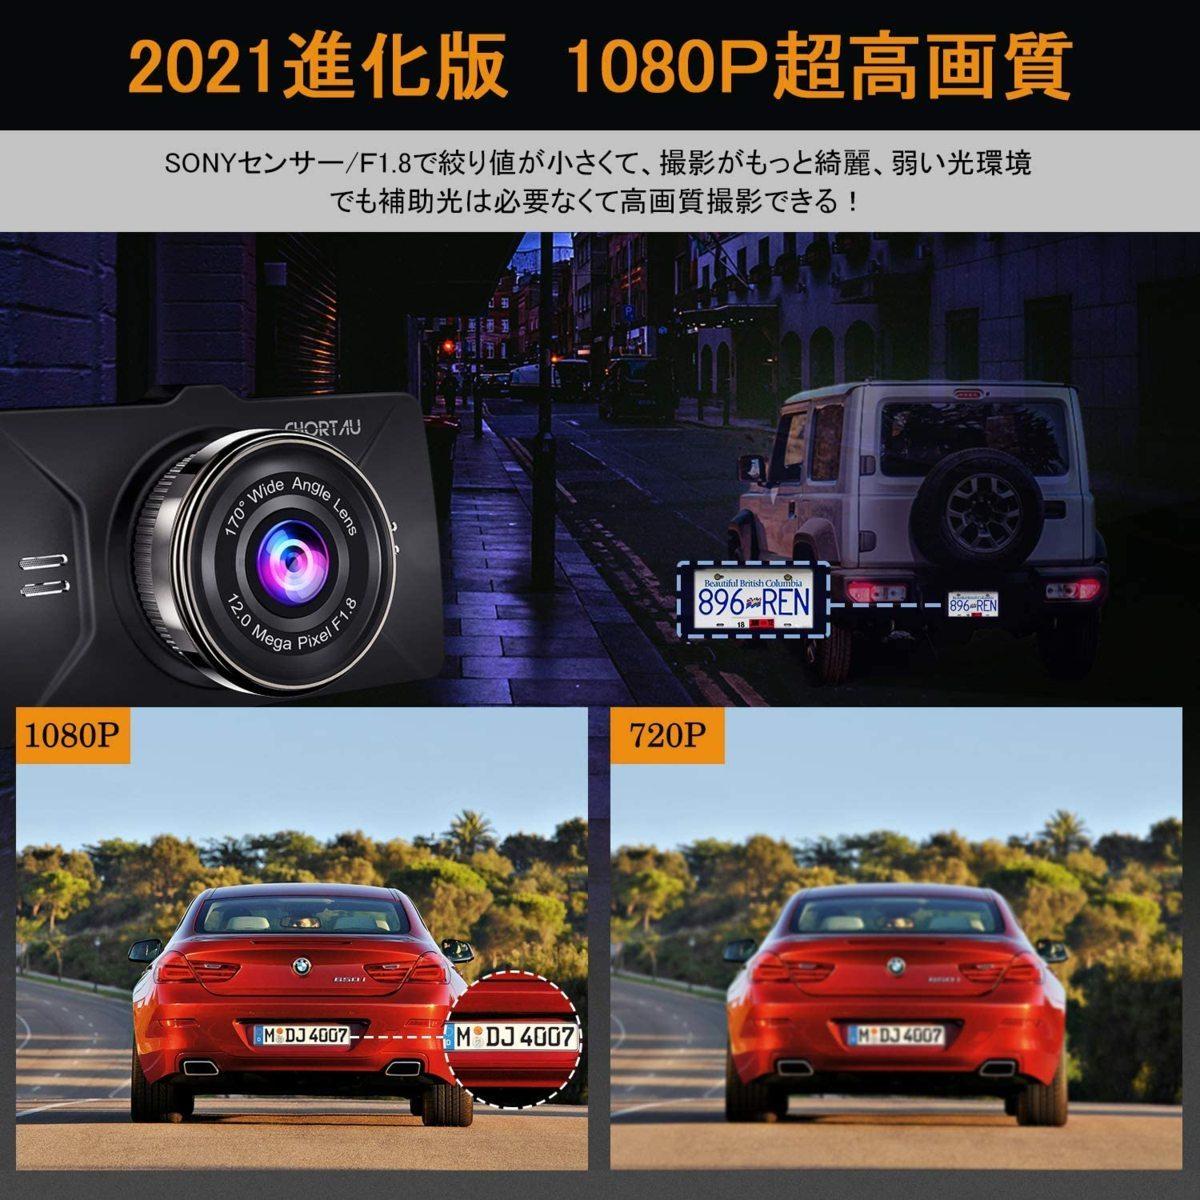 ■新品■ドライブレコーダー 【GPS搭載&前後カメラ】フルHD高画質 170度広角視野 駐車監視 衝撃録画 常時録画 Gセンサー 時速表示_画像4